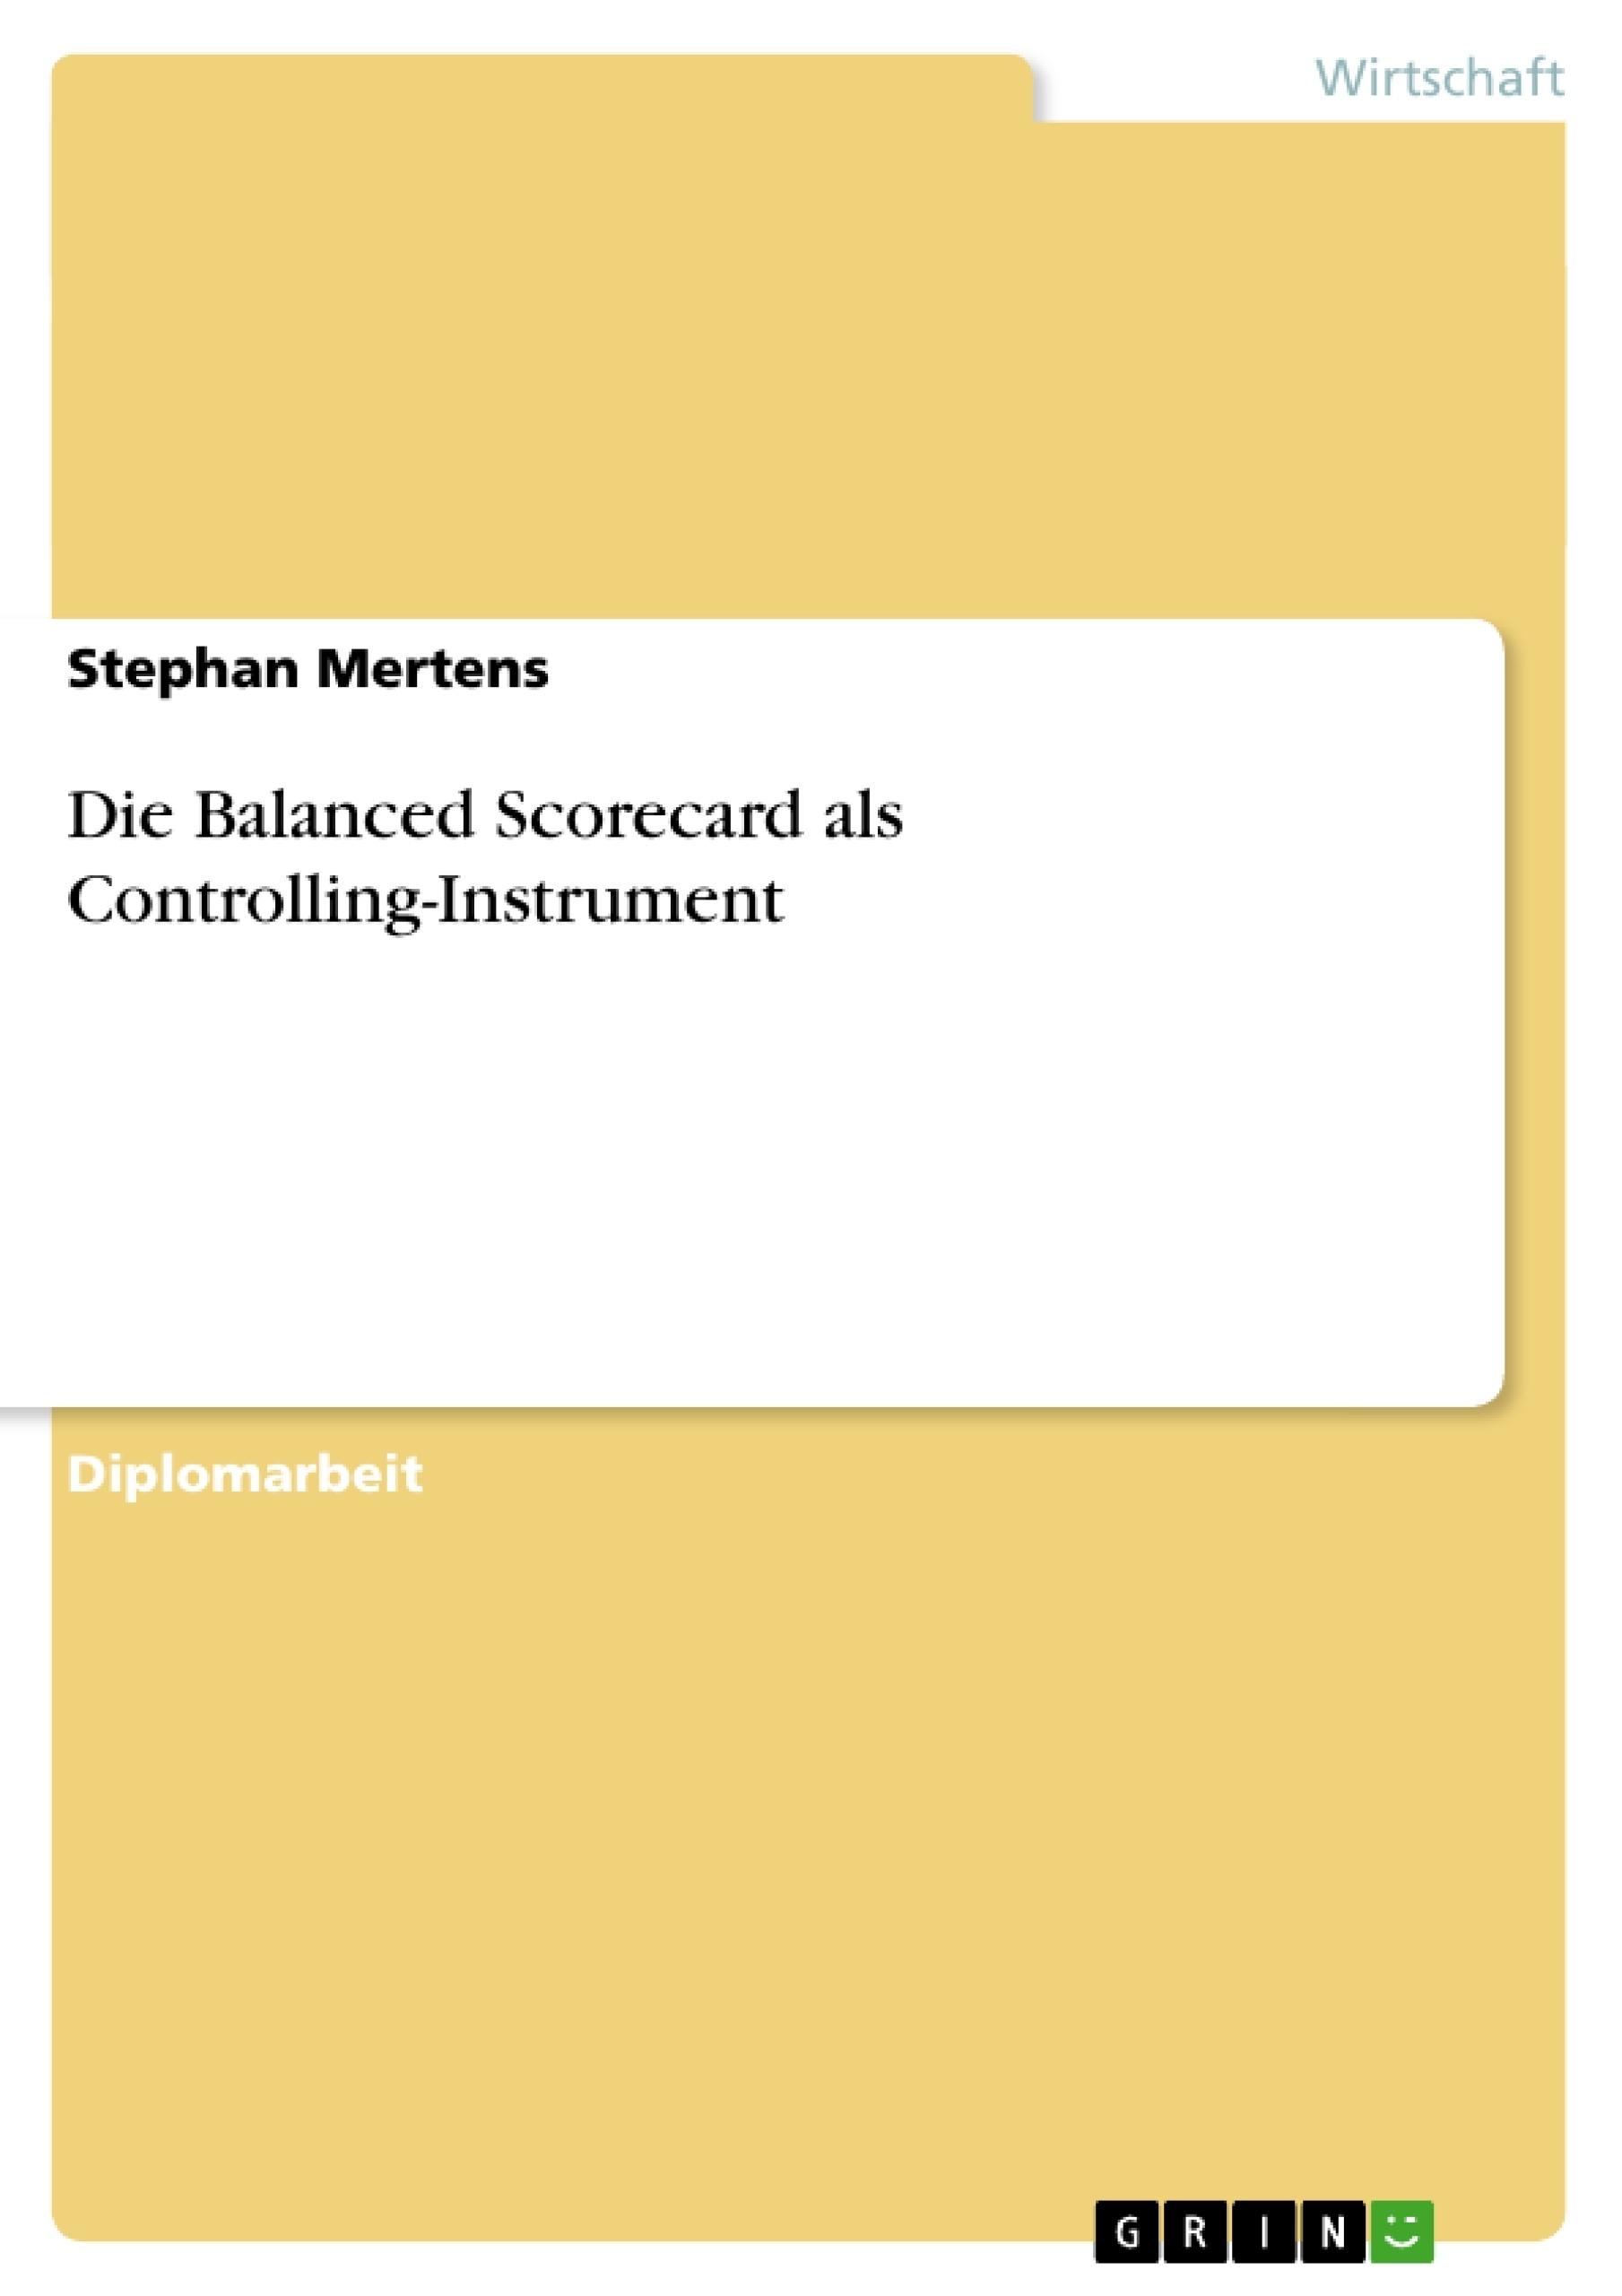 Titel: Die Balanced Scorecard als Controlling-Instrument